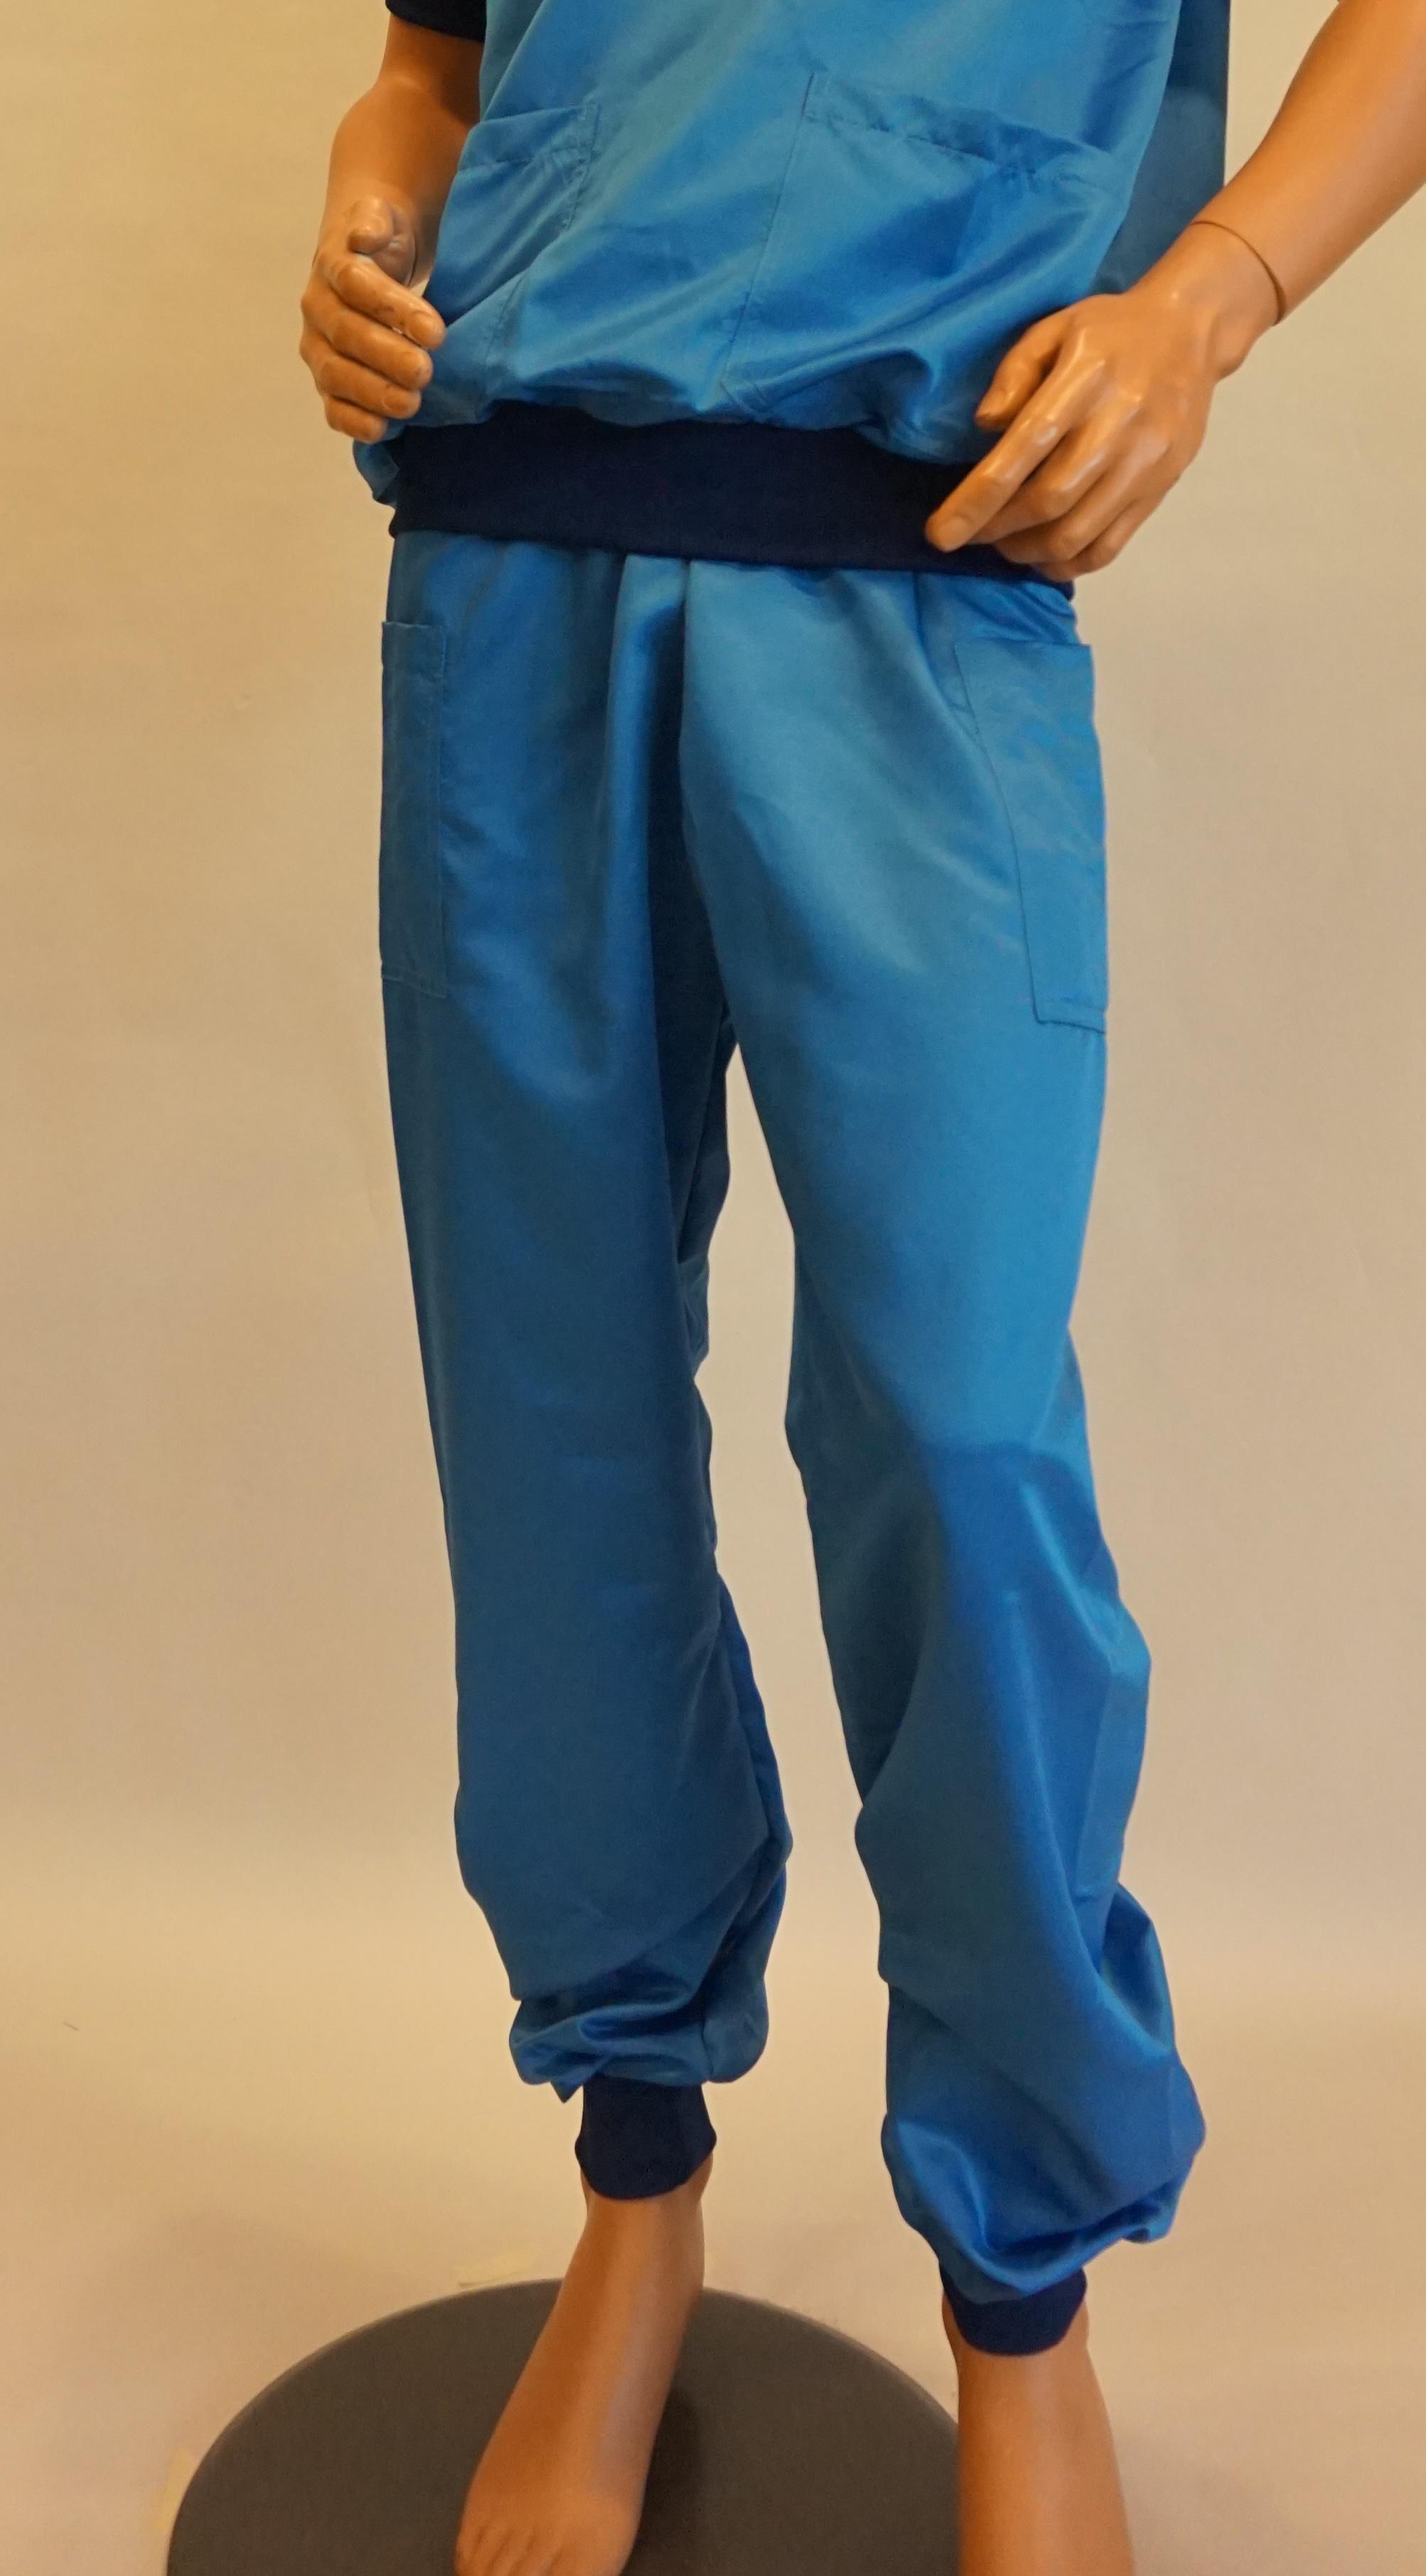 broek Corbeil blauw geschikt voor OK